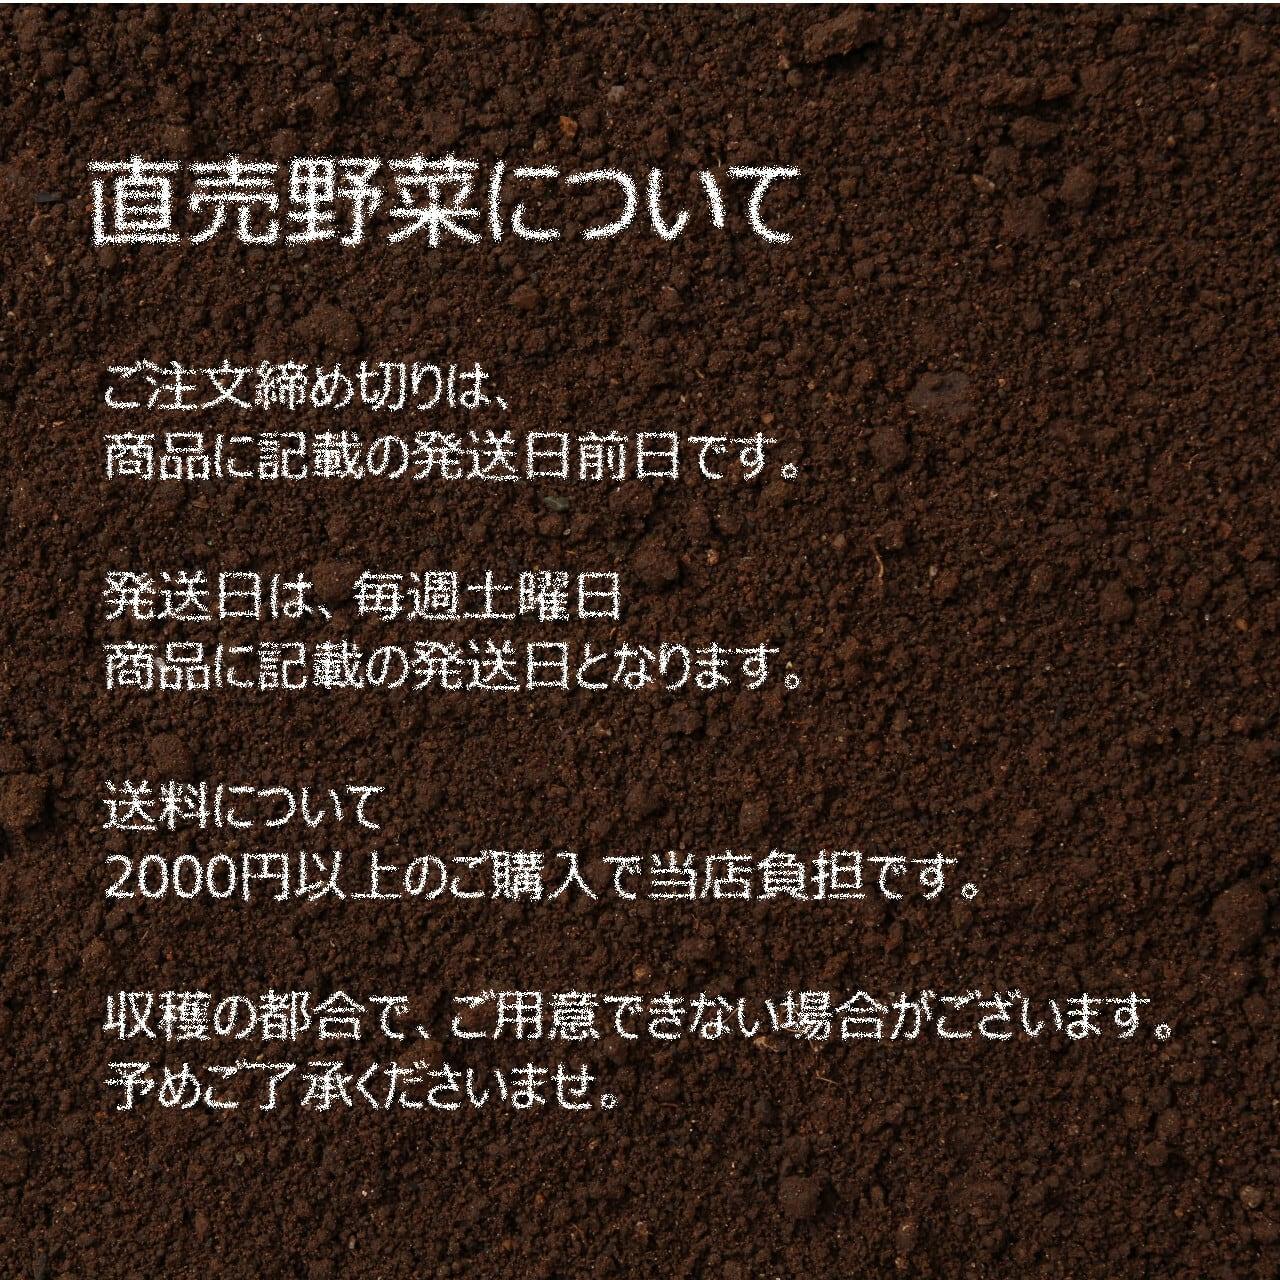 大葉 約100g : 7月の朝採り直売野菜 7月10日発送予定